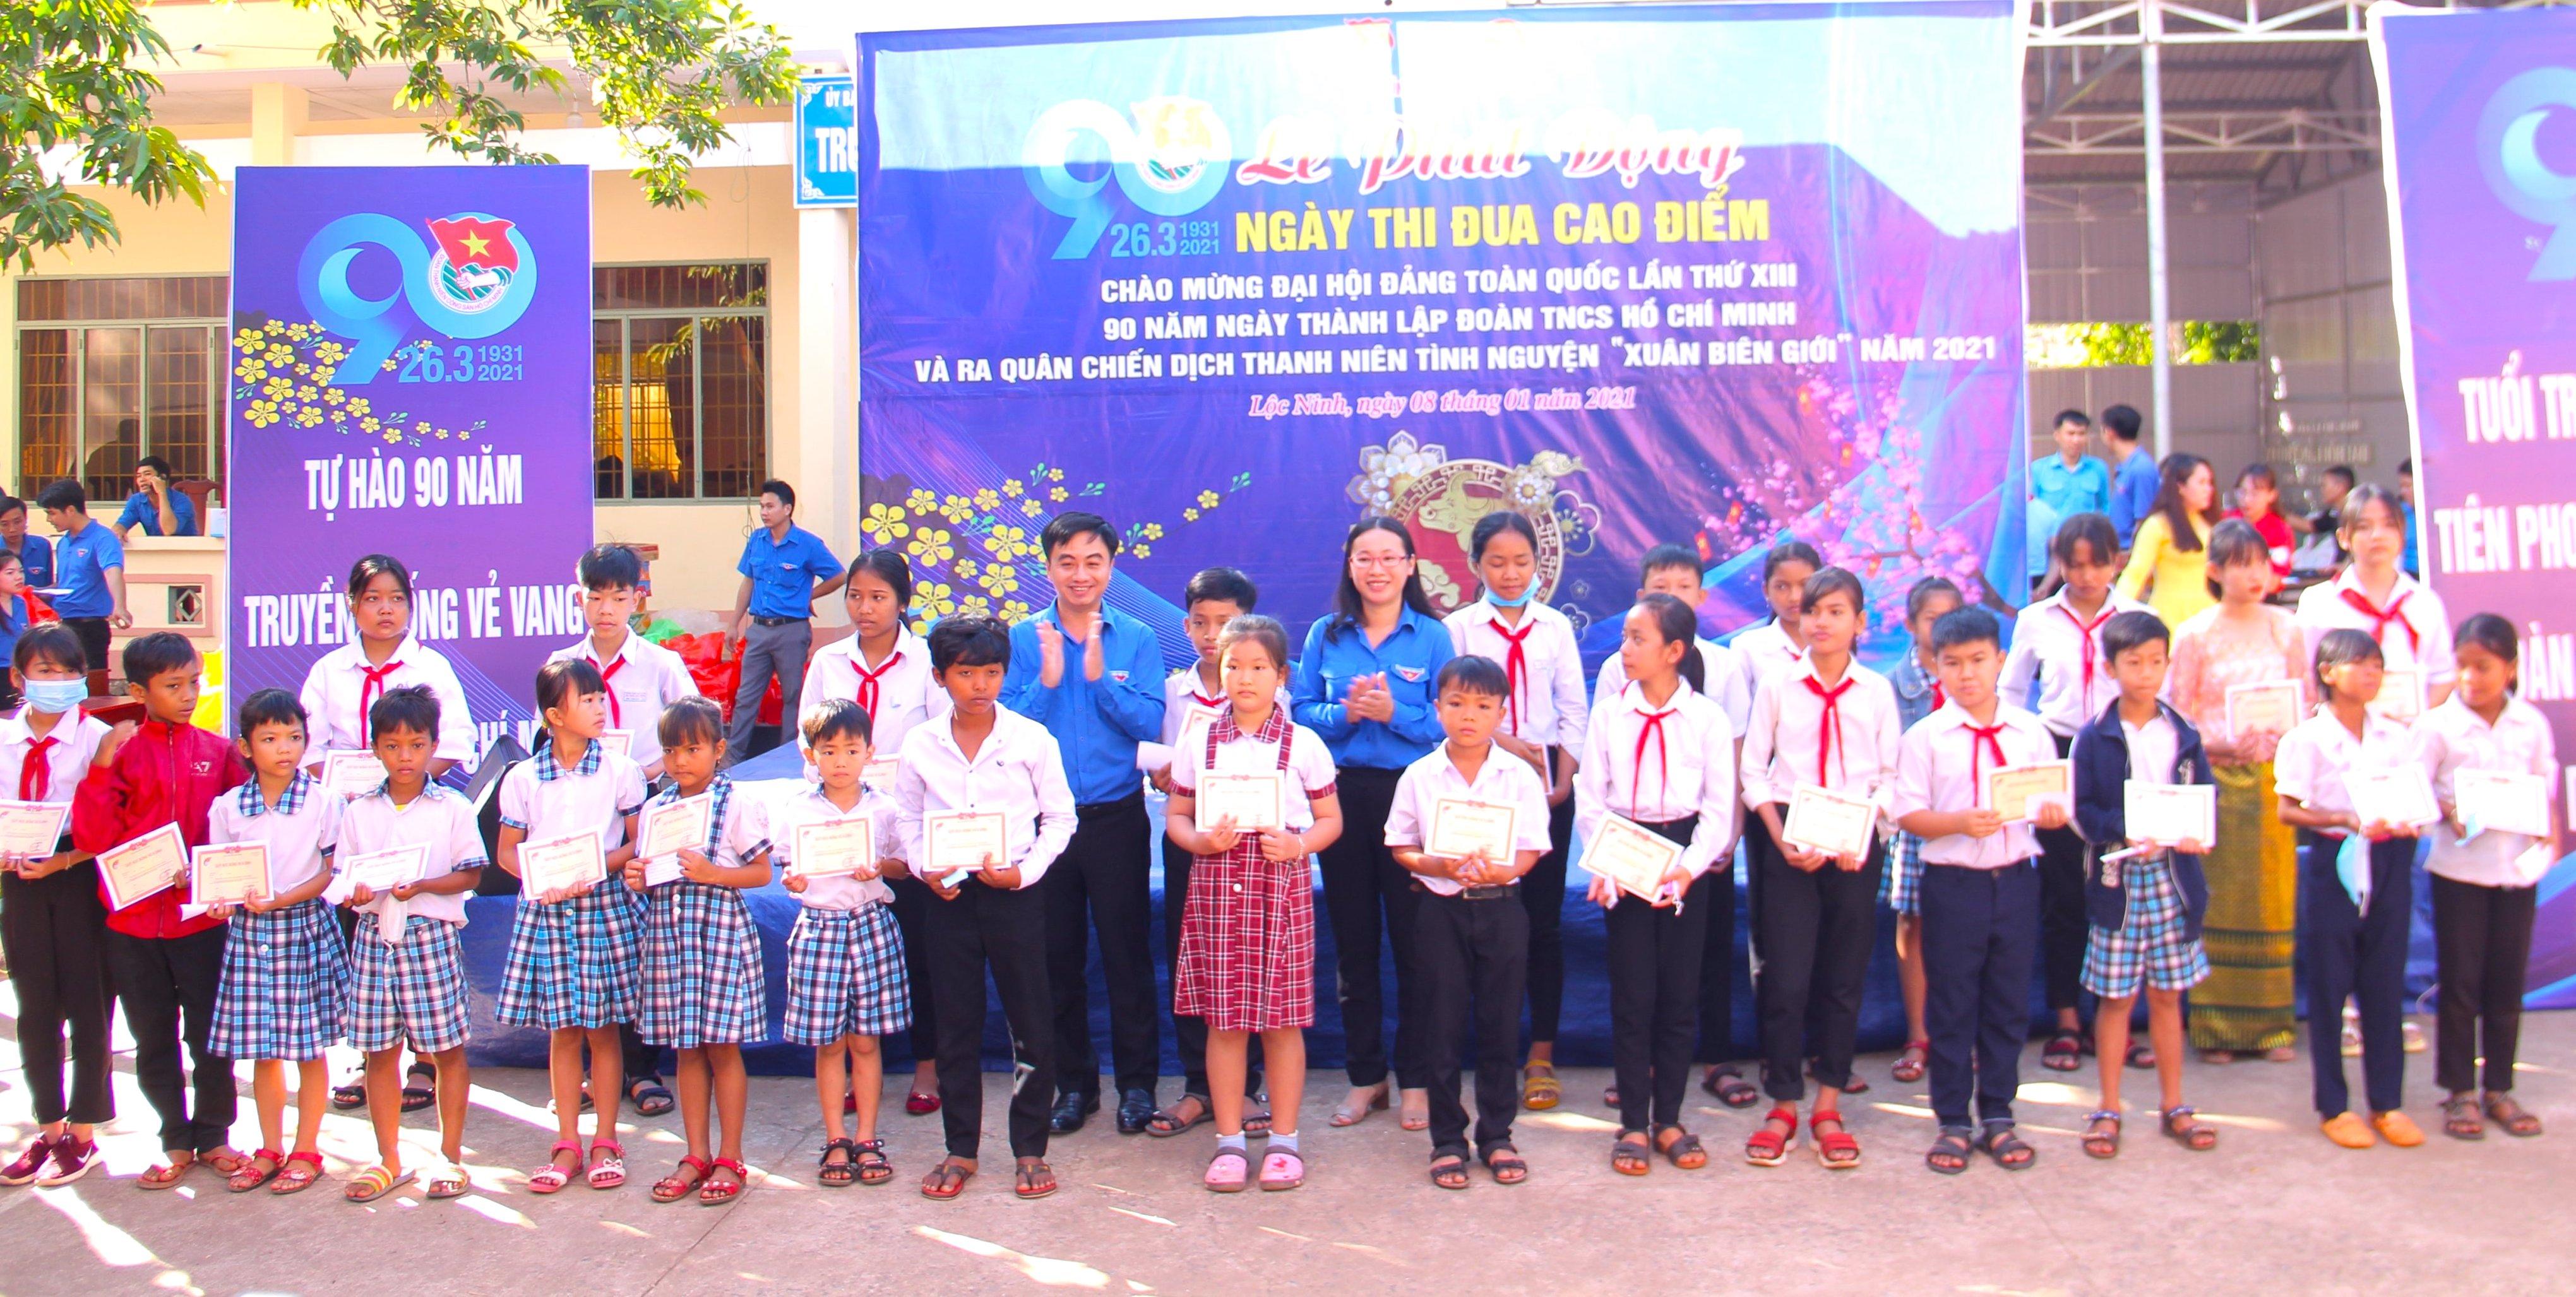 Lãnh đạo Tỉnh Đoàn Bình Phước trao 30 suất học bổng Vừ A Dính cho học sinh vùng biên tại Lễ phát động.